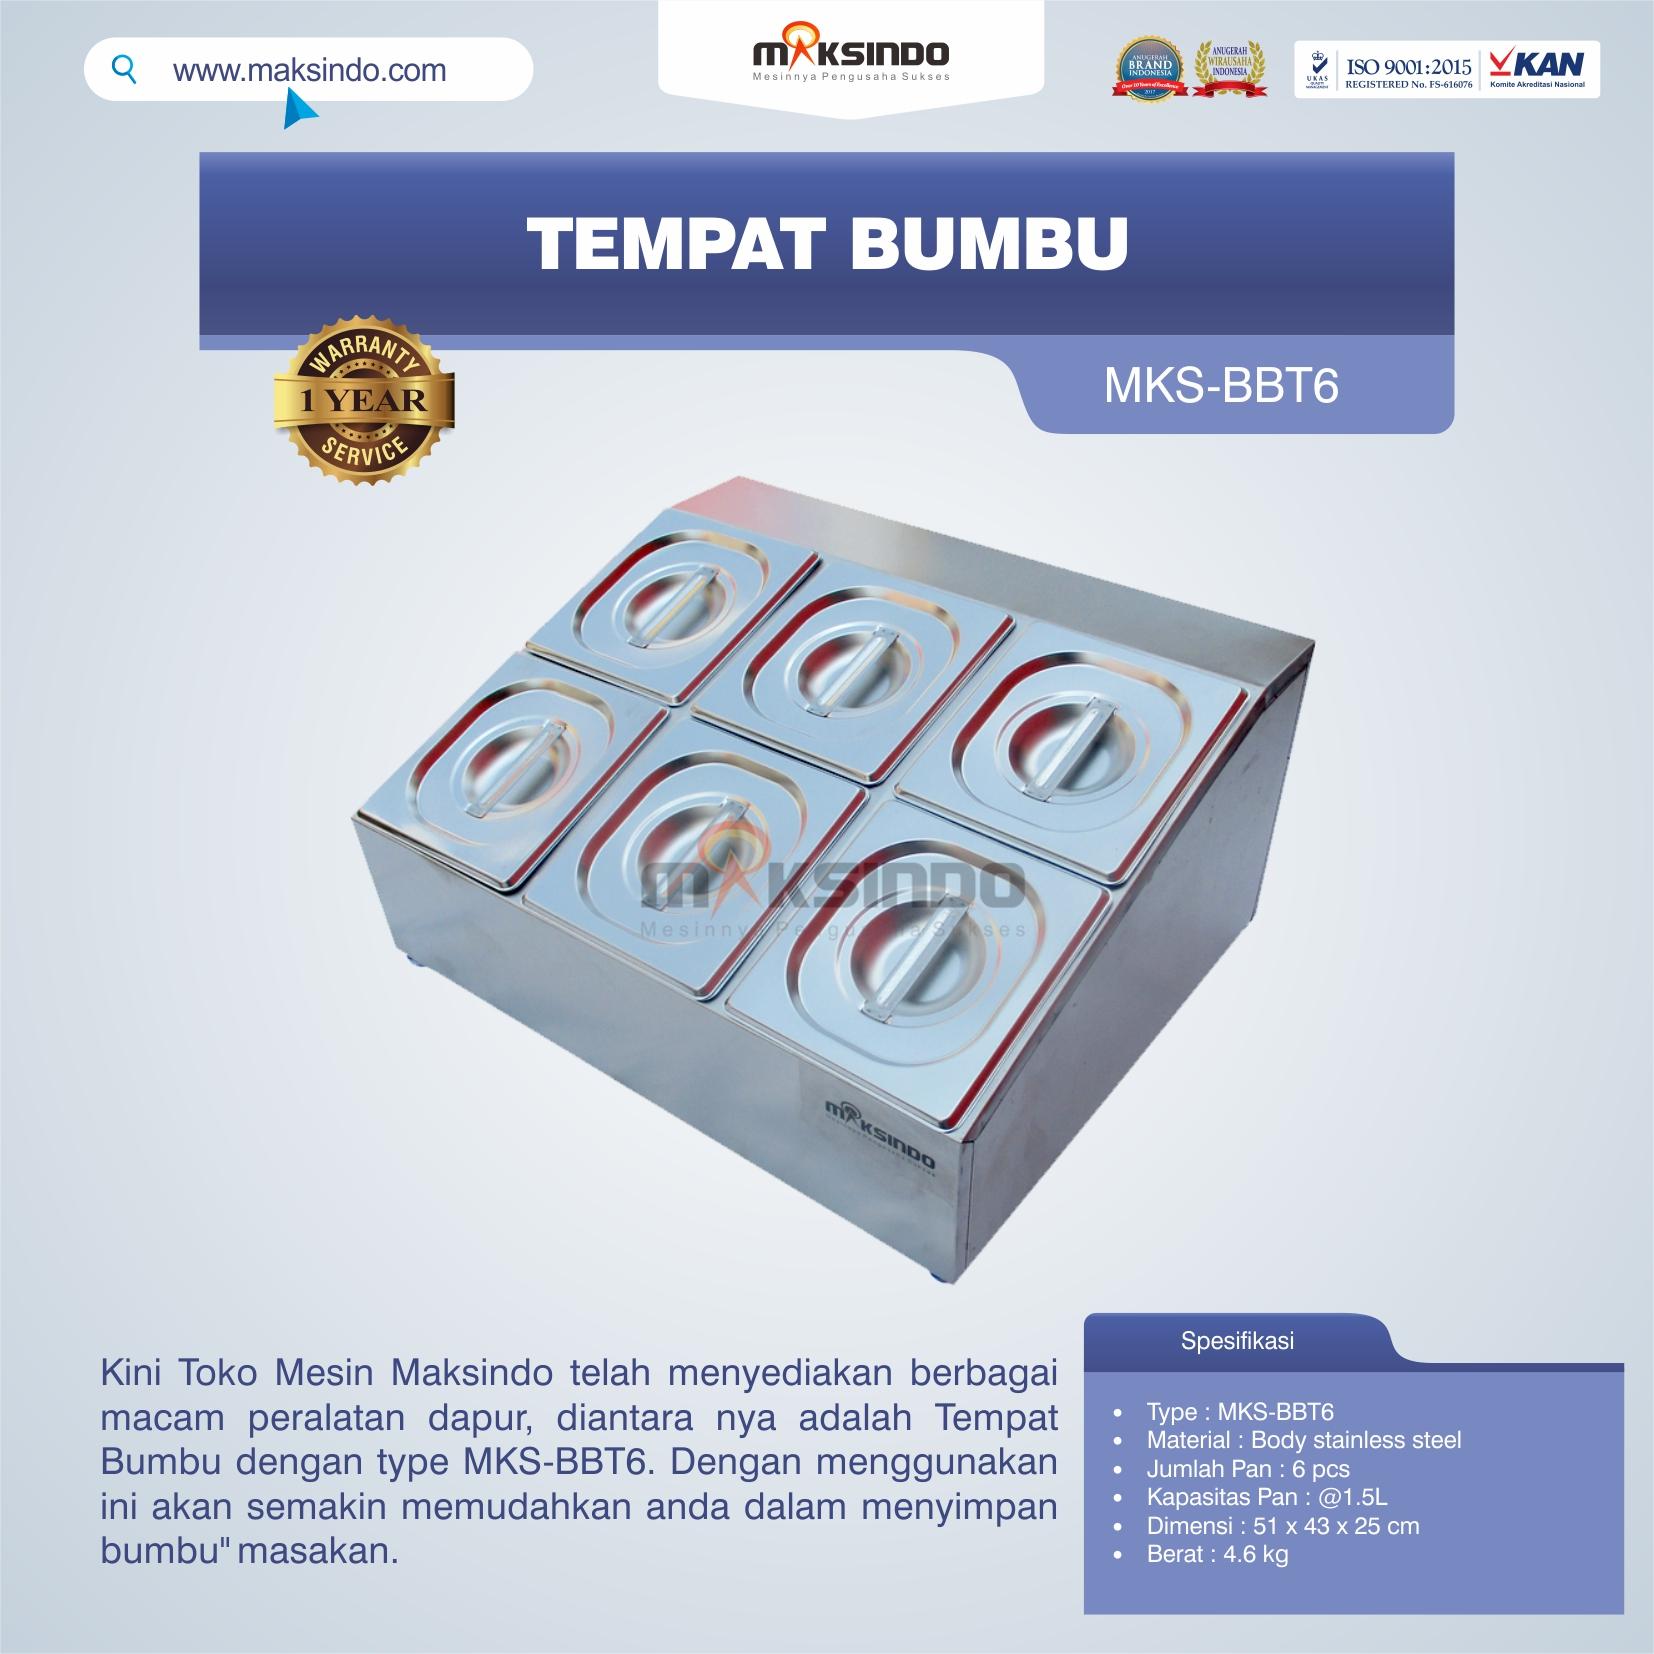 Jual Tempat Bumbu MKS-BBT6 di Bogor